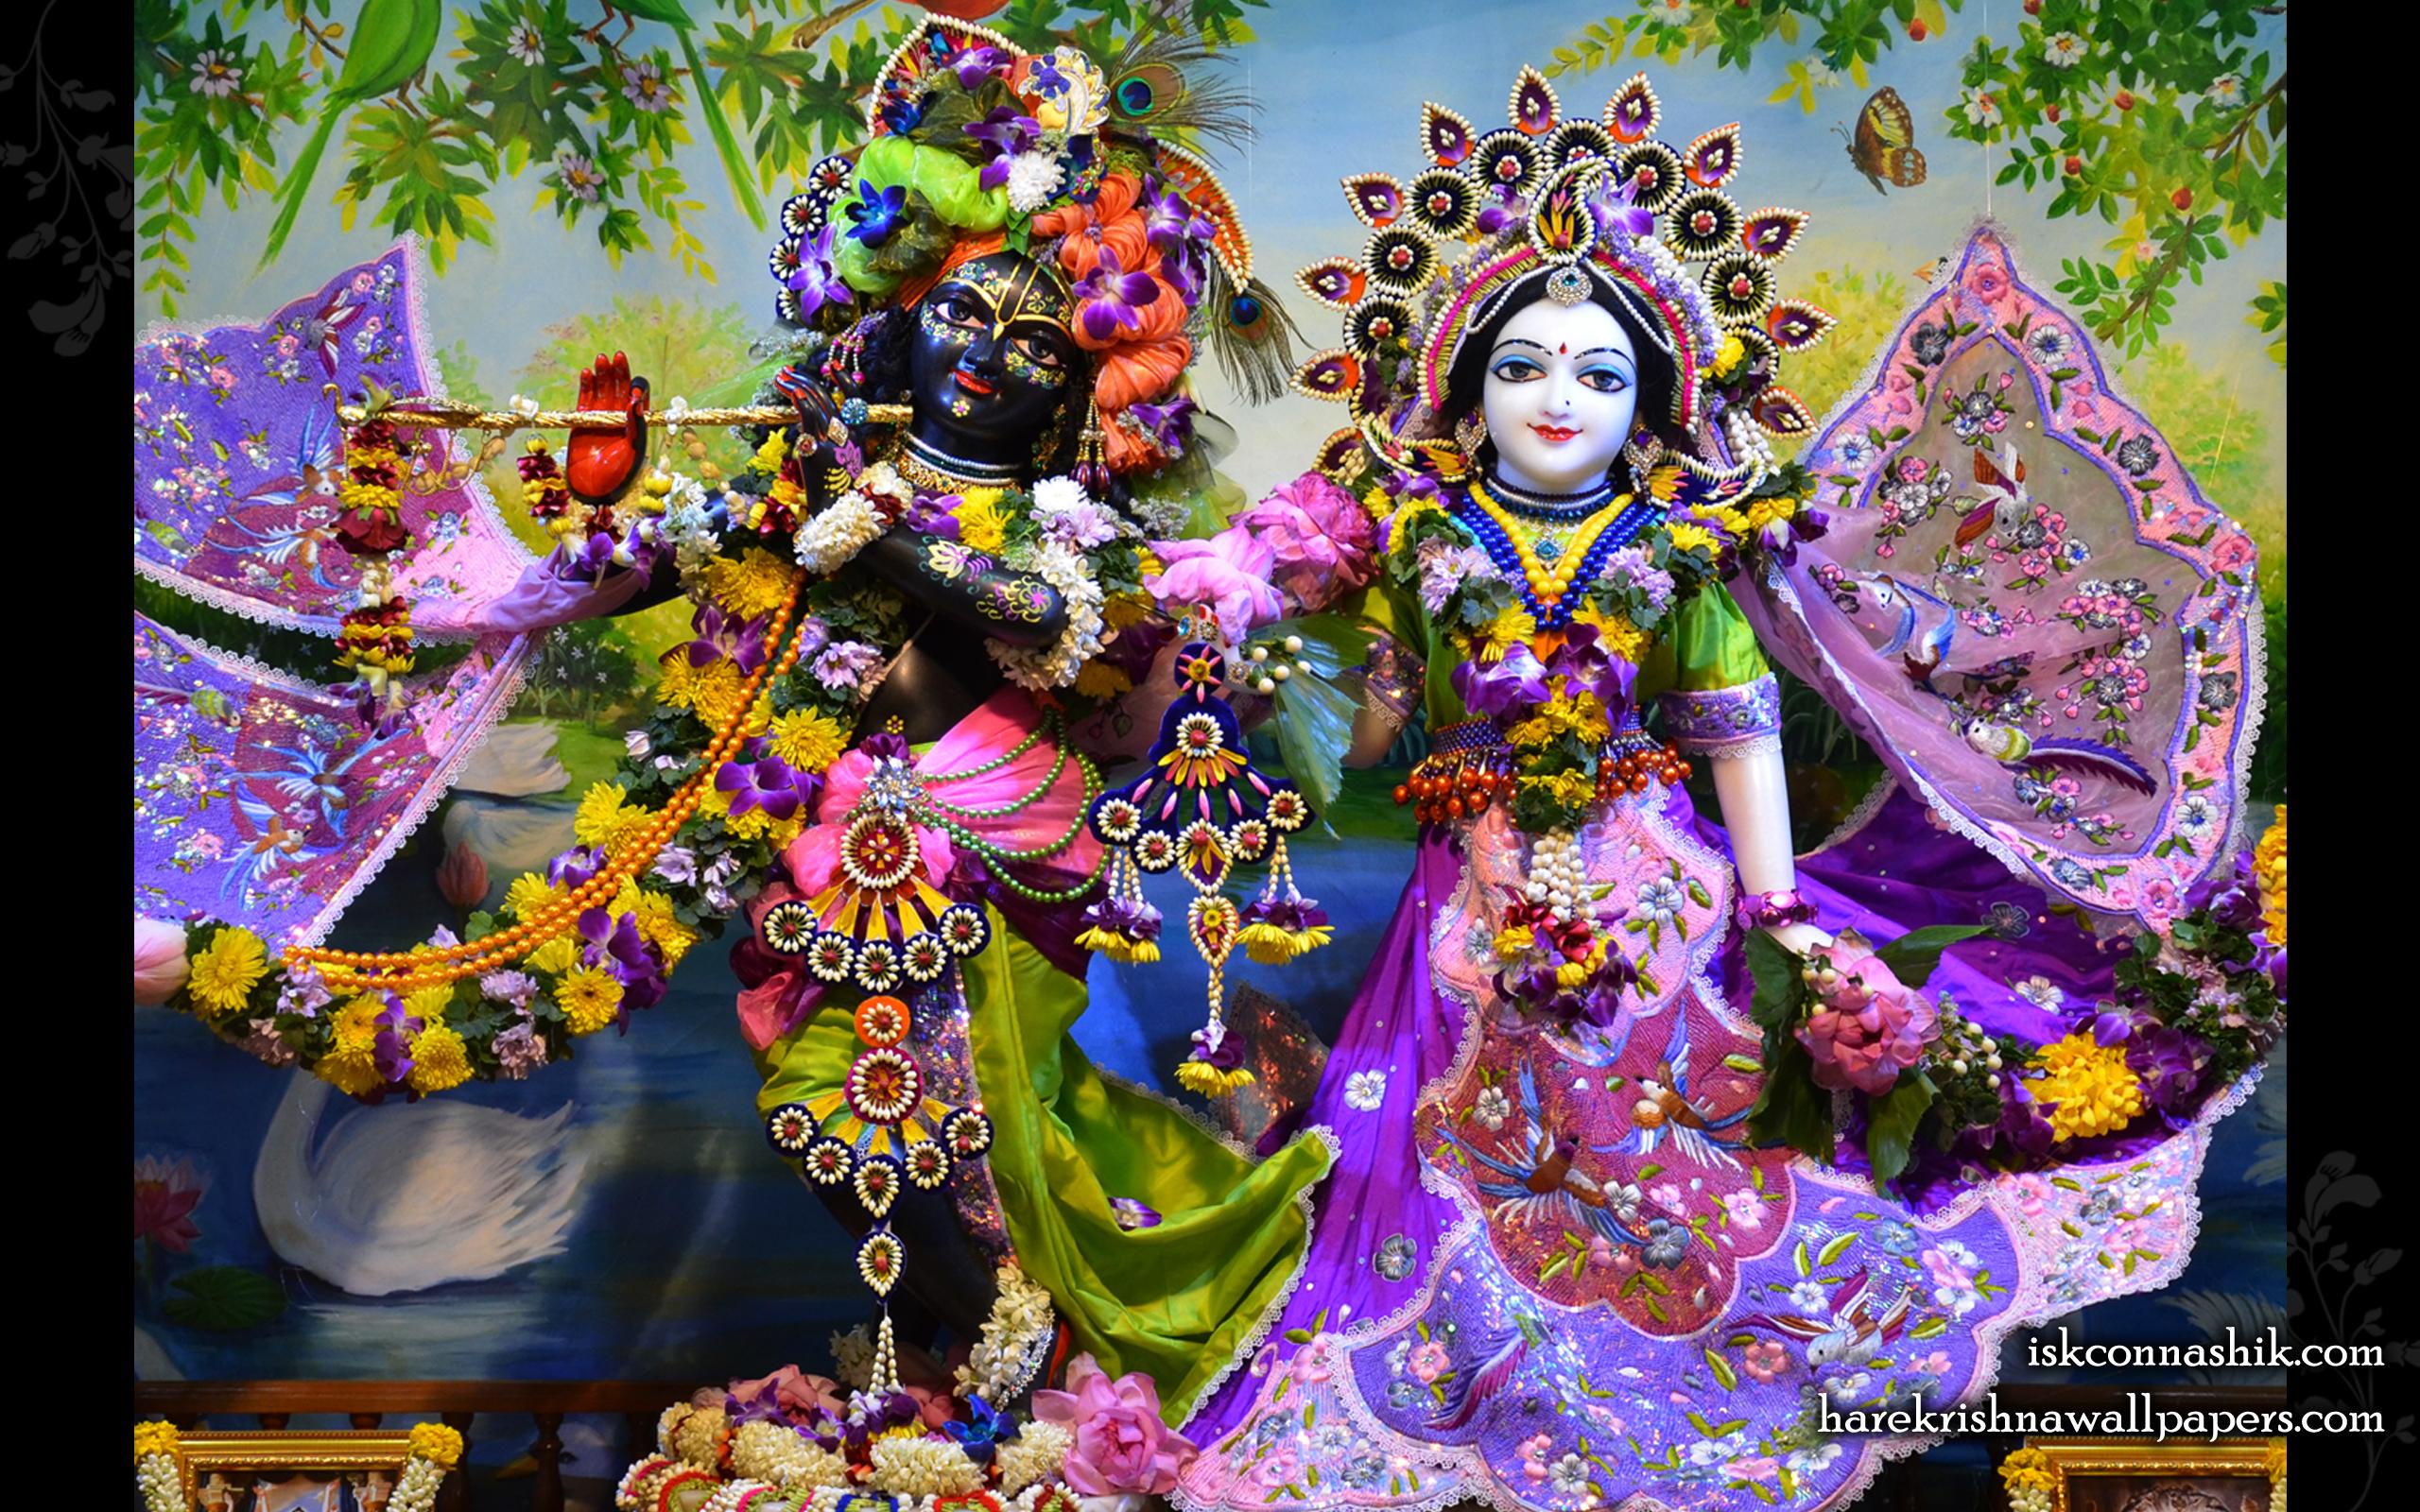 Sri Sri Radha Madan Gopal Wallpaper (021) Size 2560x1600 Download